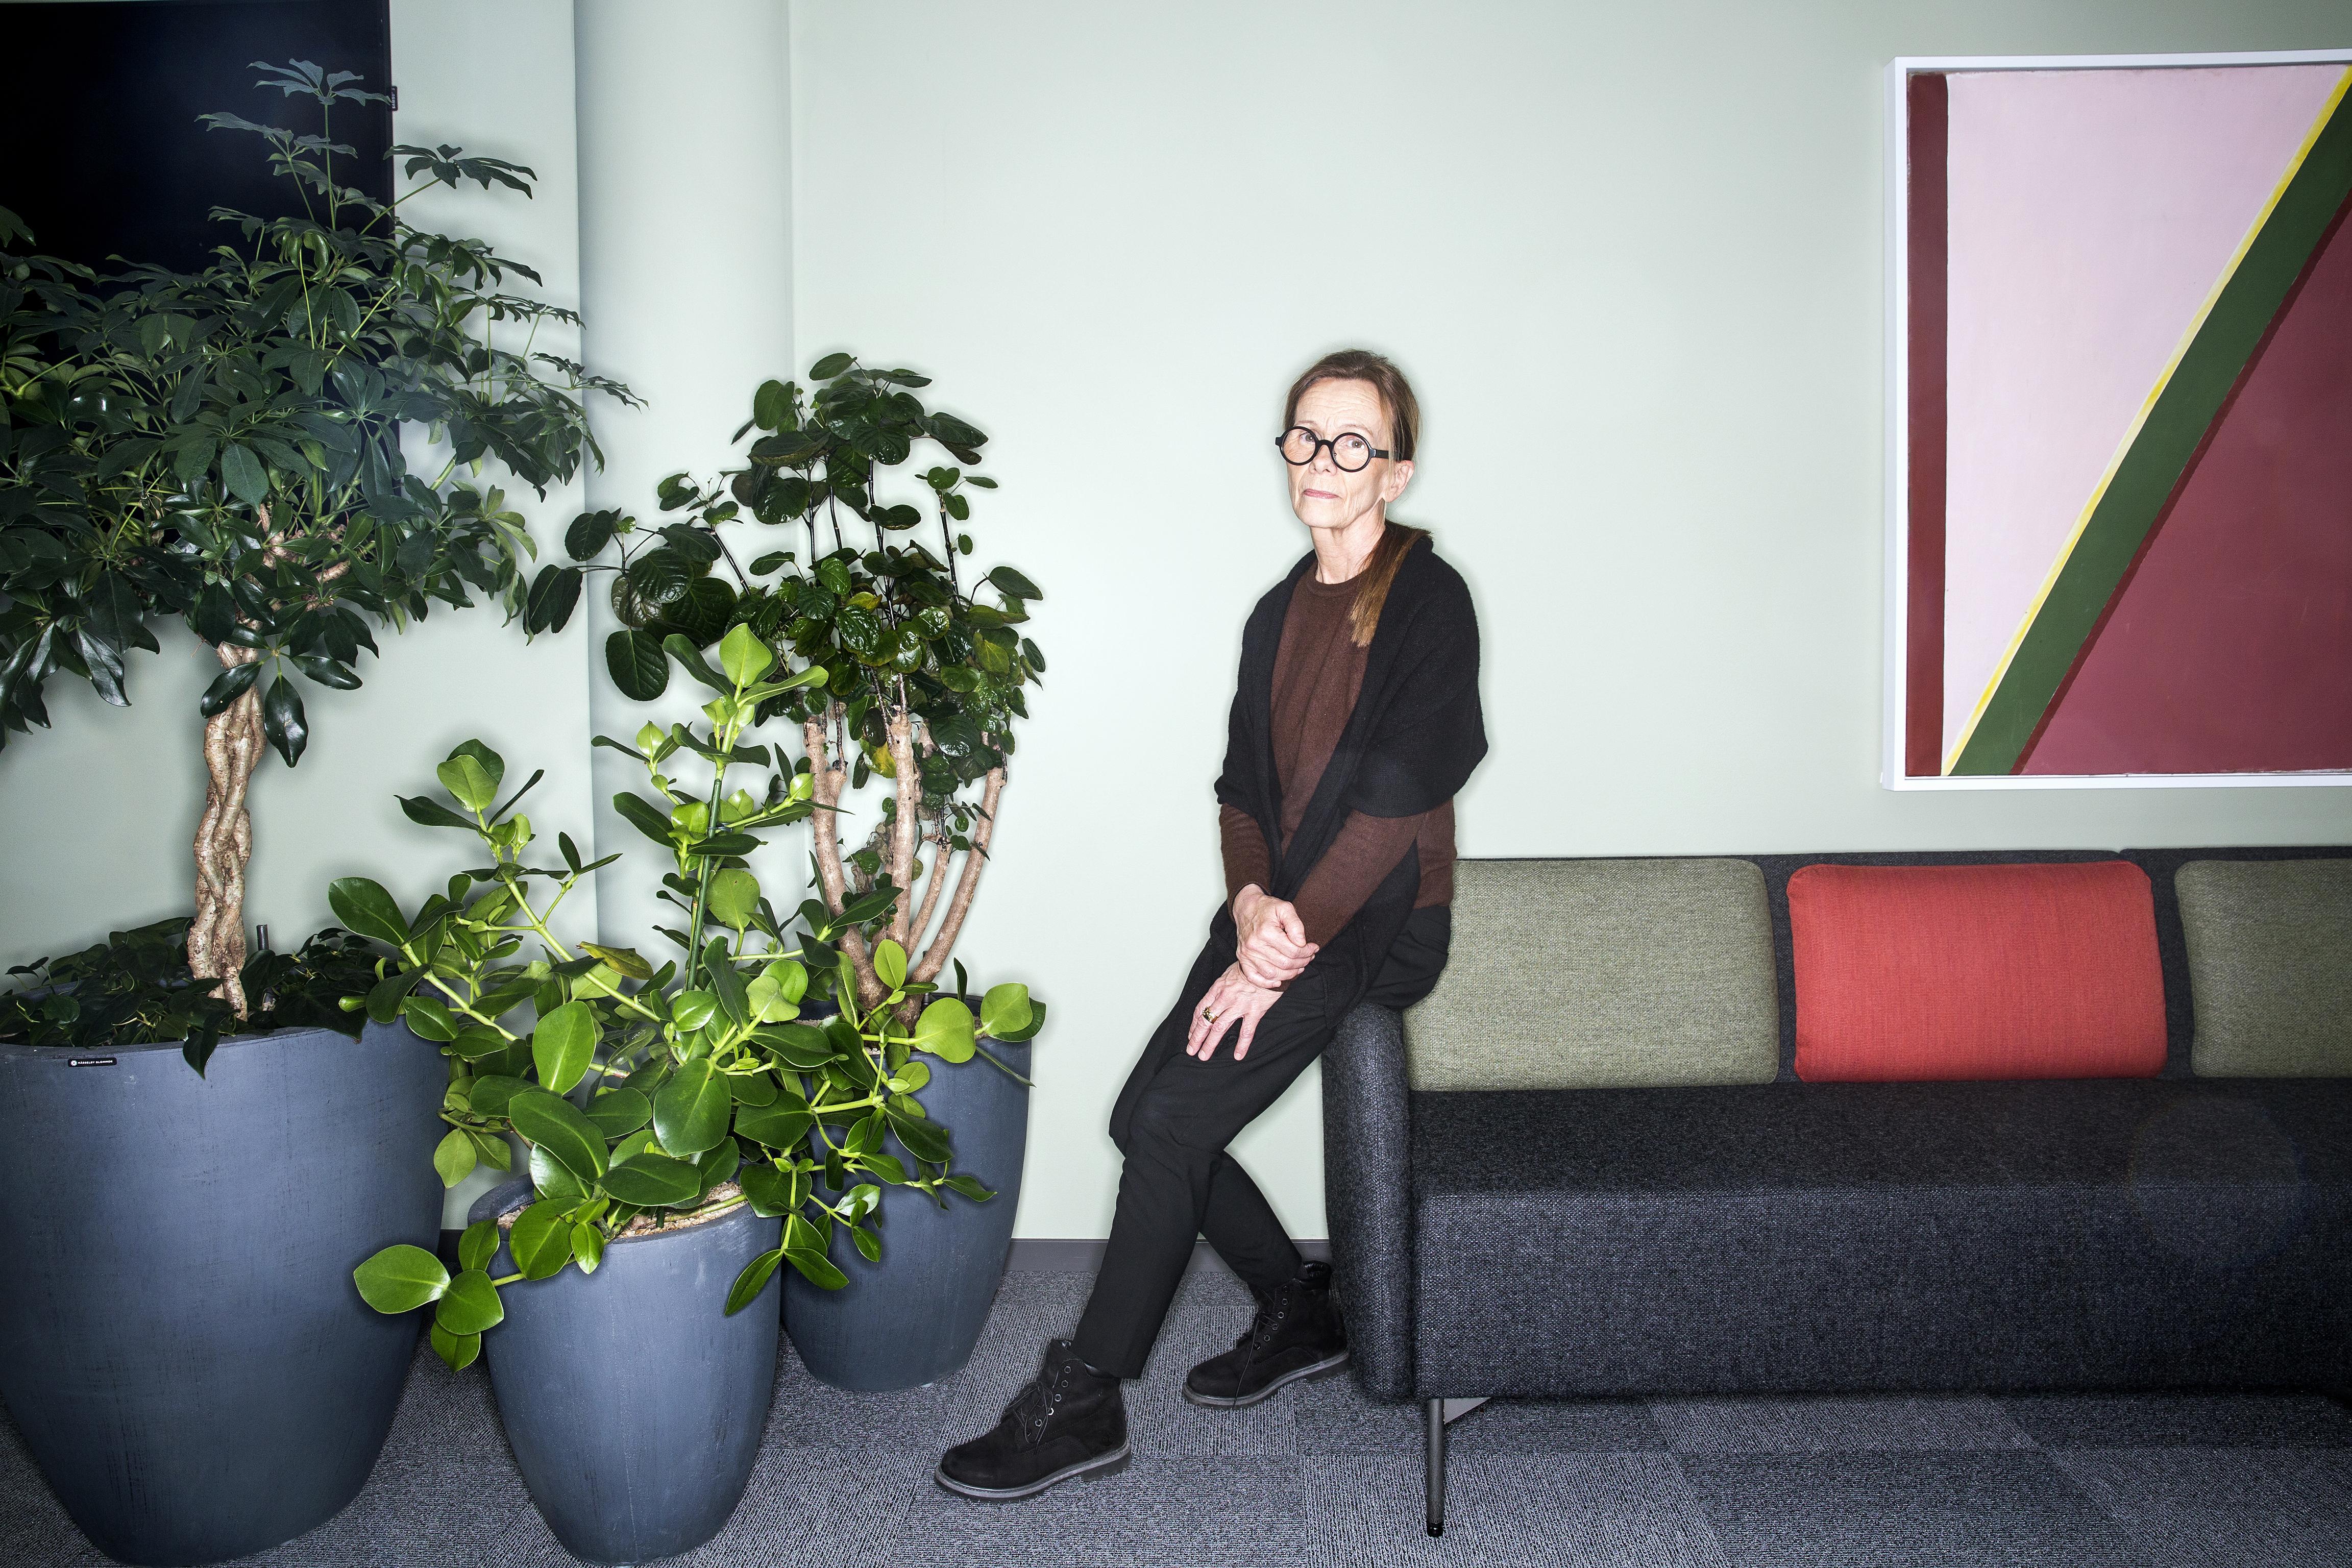 Arbetsgivare foljer inte diskrimineringslagen